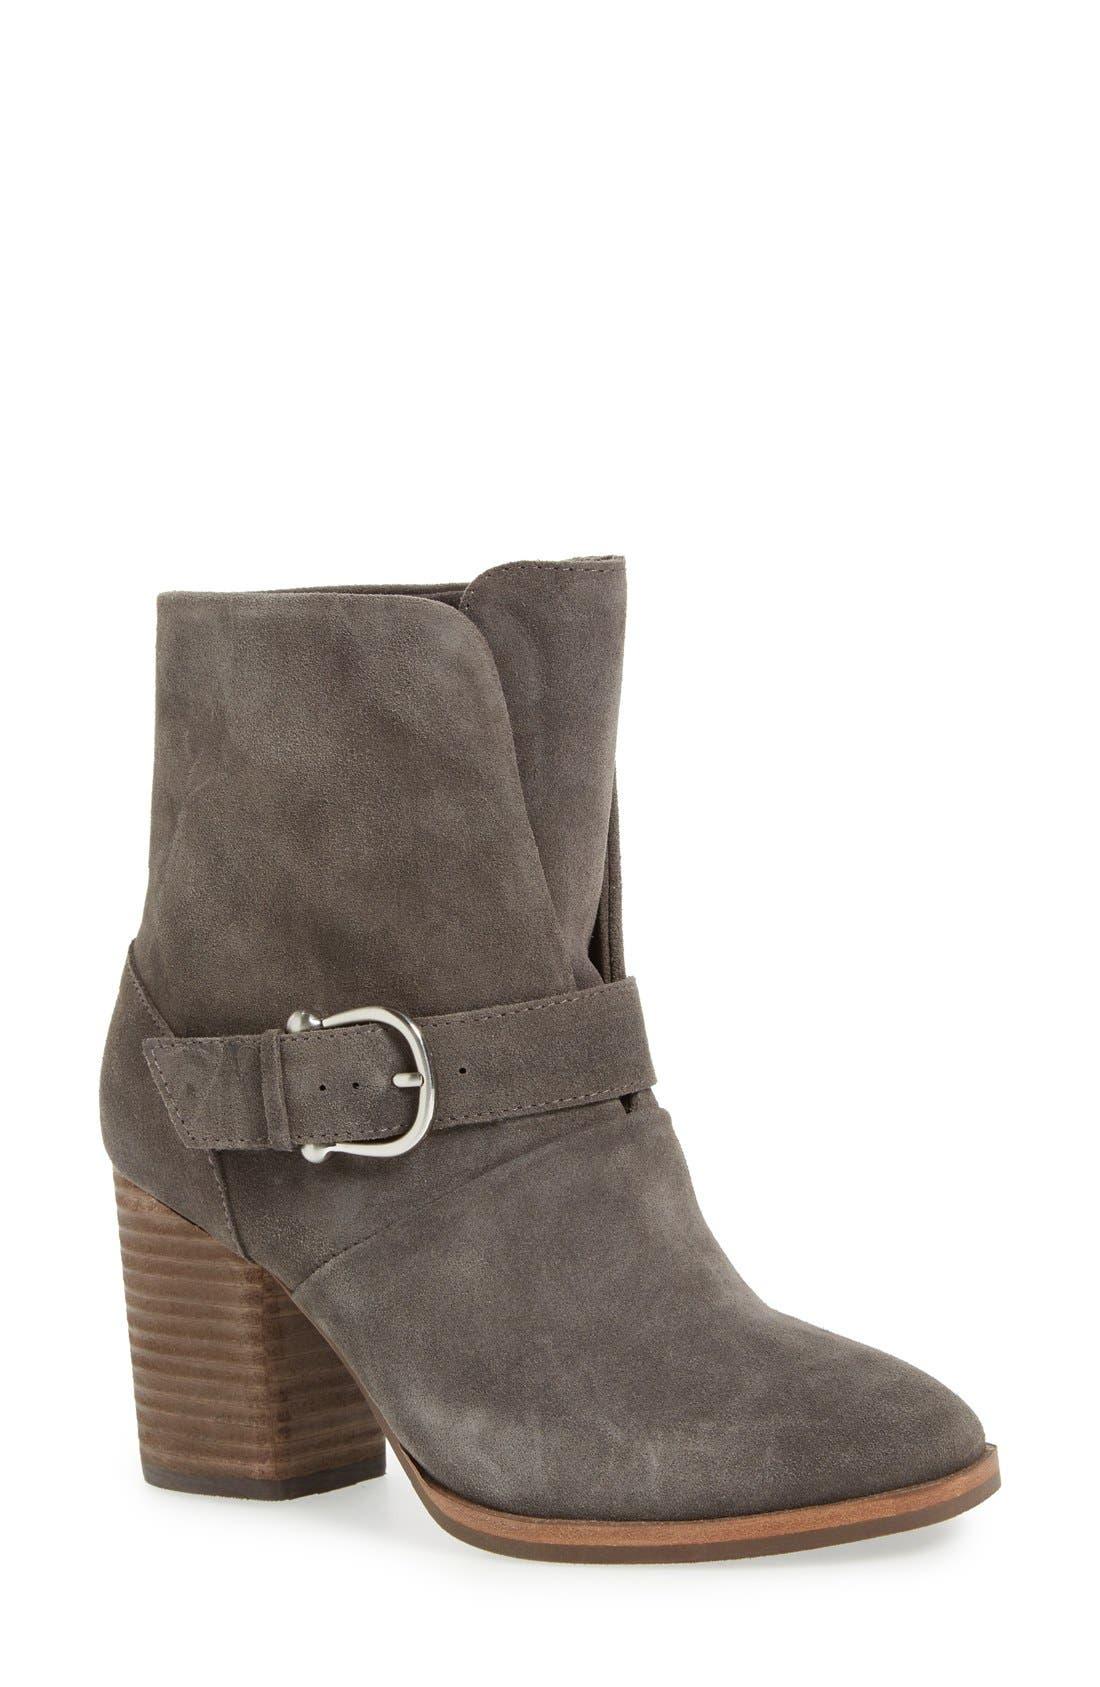 'Lavoy' Block Heel Bootie,                         Main,                         color, Steel Grey Suede